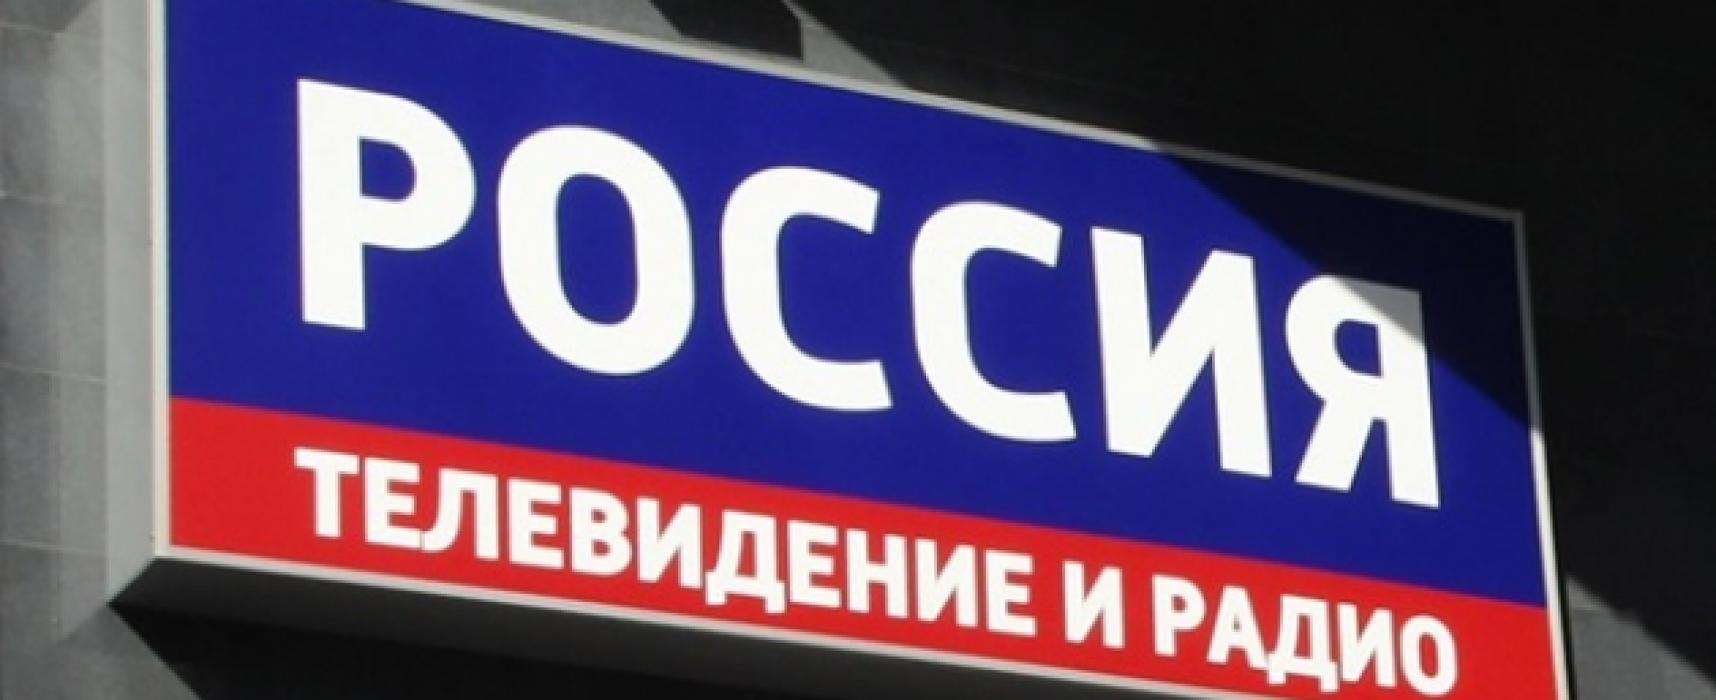 Российская пропаганда переходит в режим «турбо»